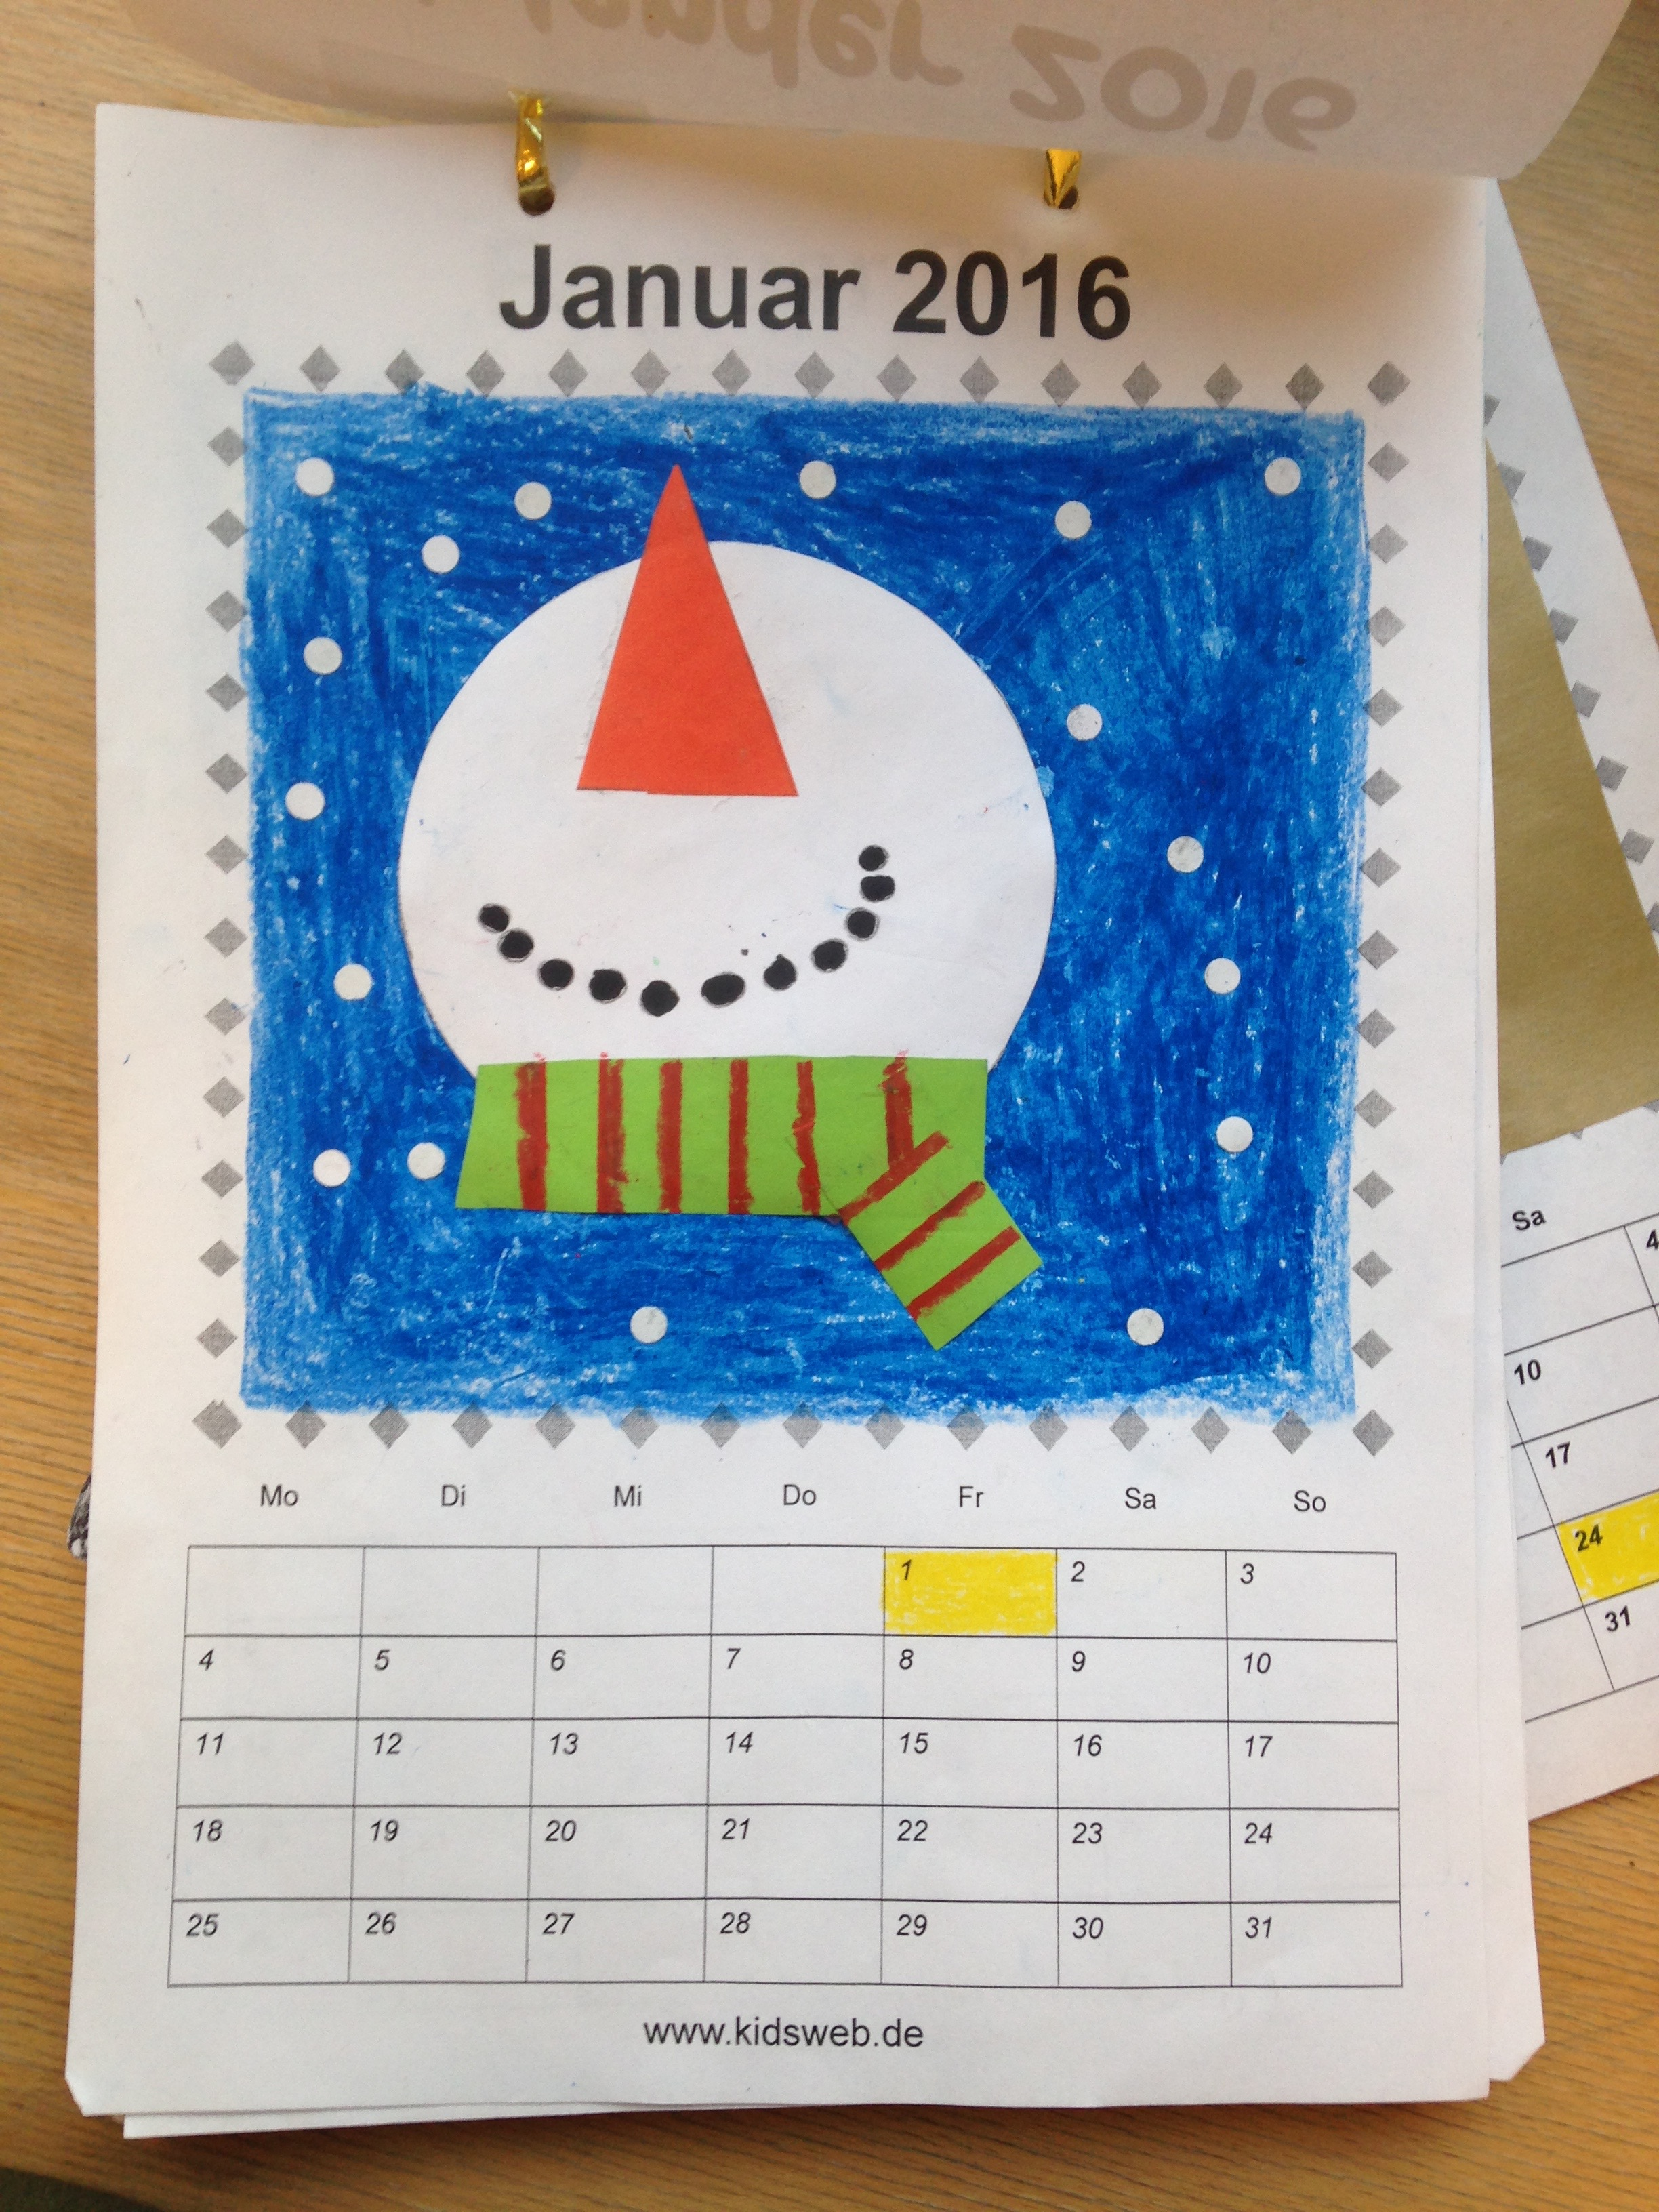 Bastelkalender Ideen.Kalender Aris Grundschulblog